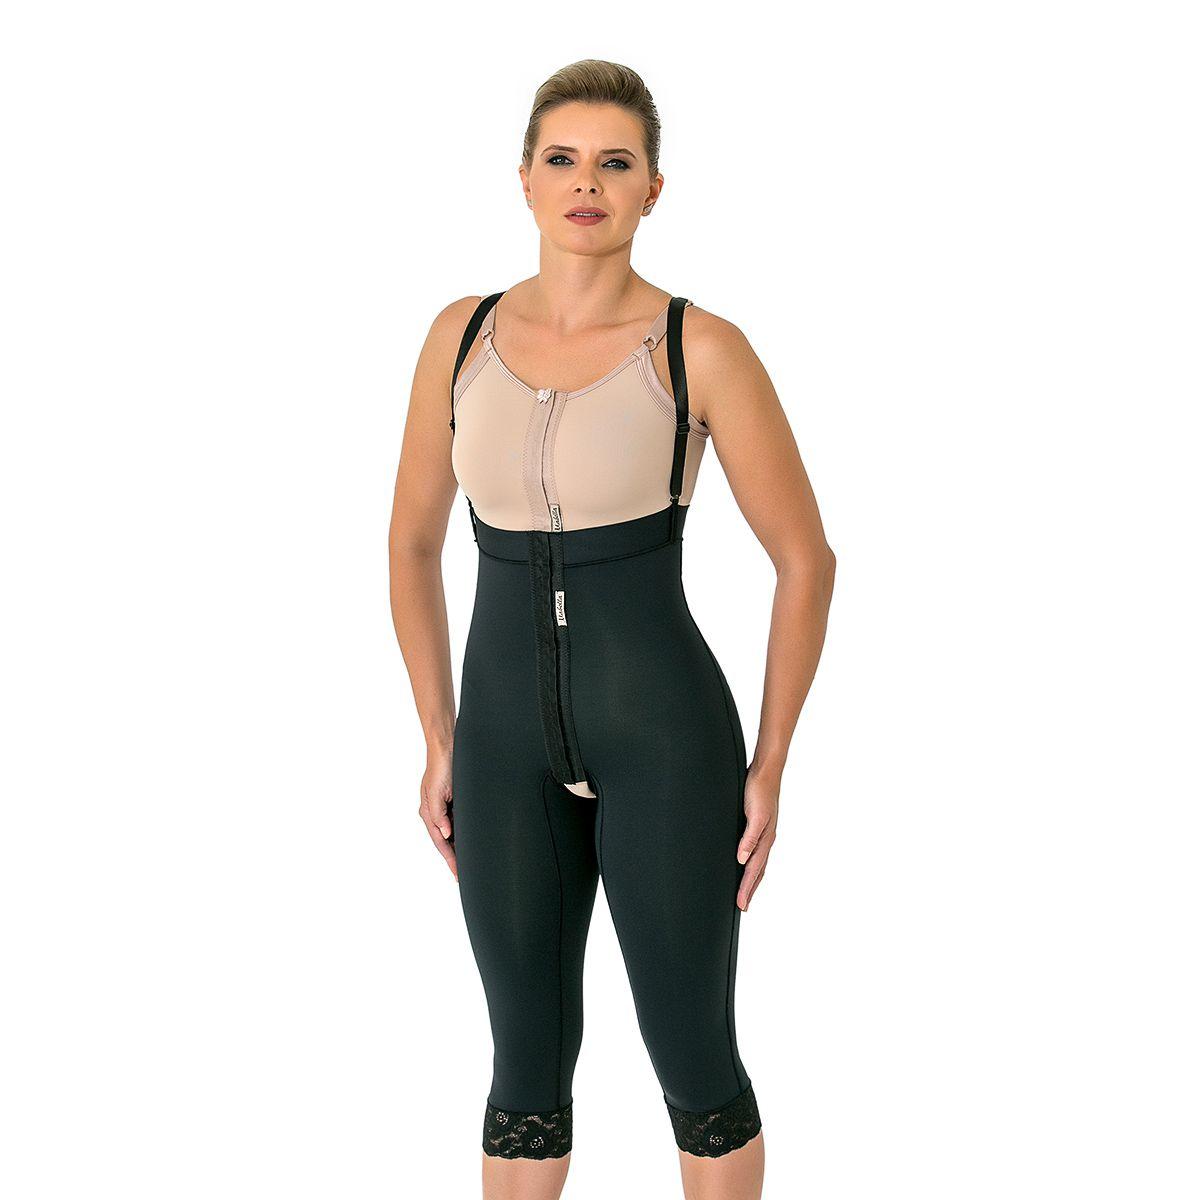 Modelador Mabella Calça Culote 1091 Cintura alta c perna abaixo do joelho abertura frontal